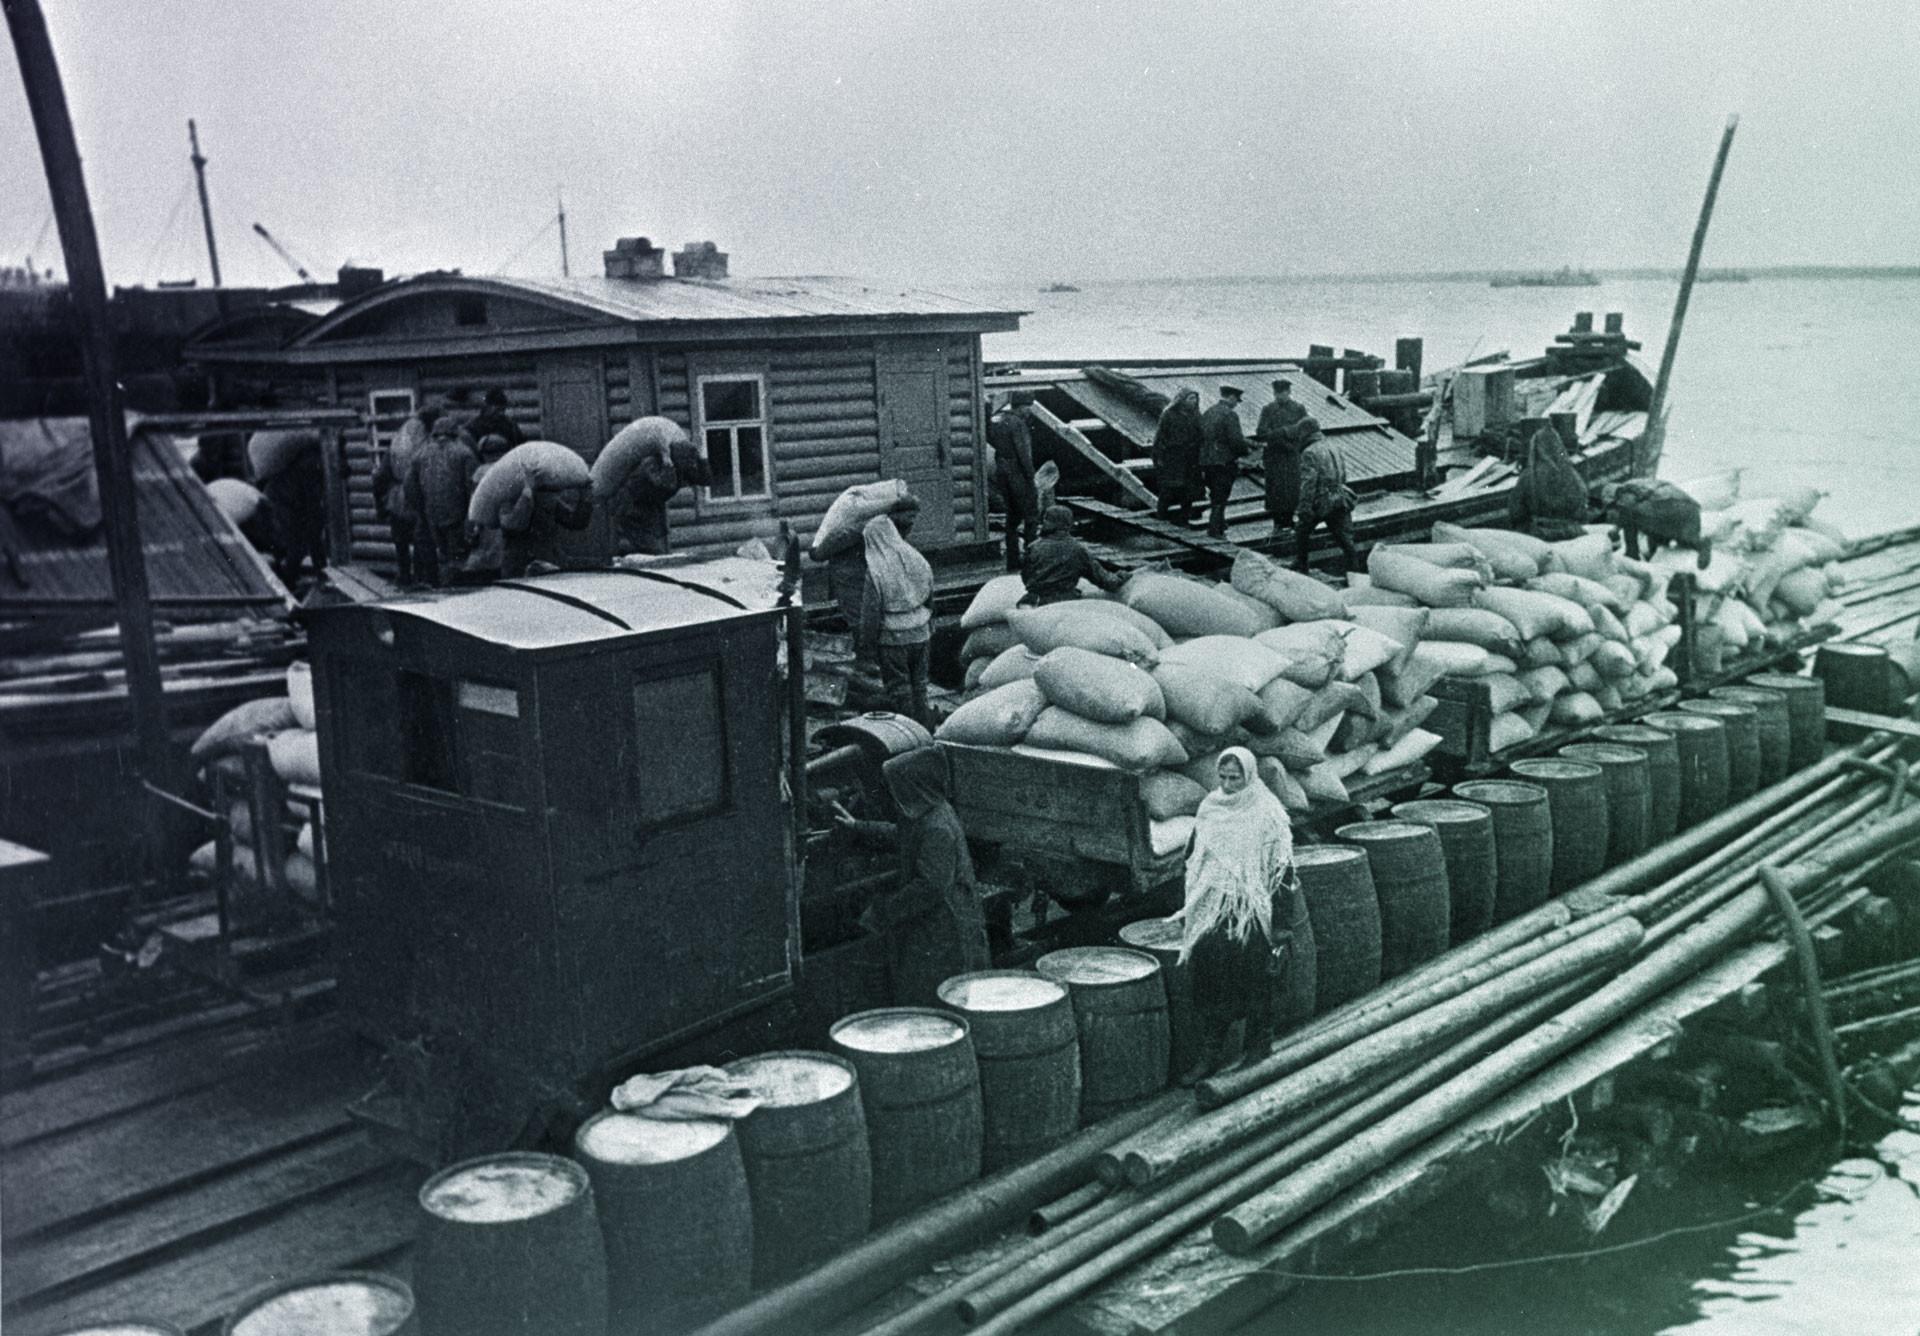 Доставка продовольствия по Ладожскому озеру на барже в осаждённый Ленинград. Фото: © РИА Новости / Борис Кудояров